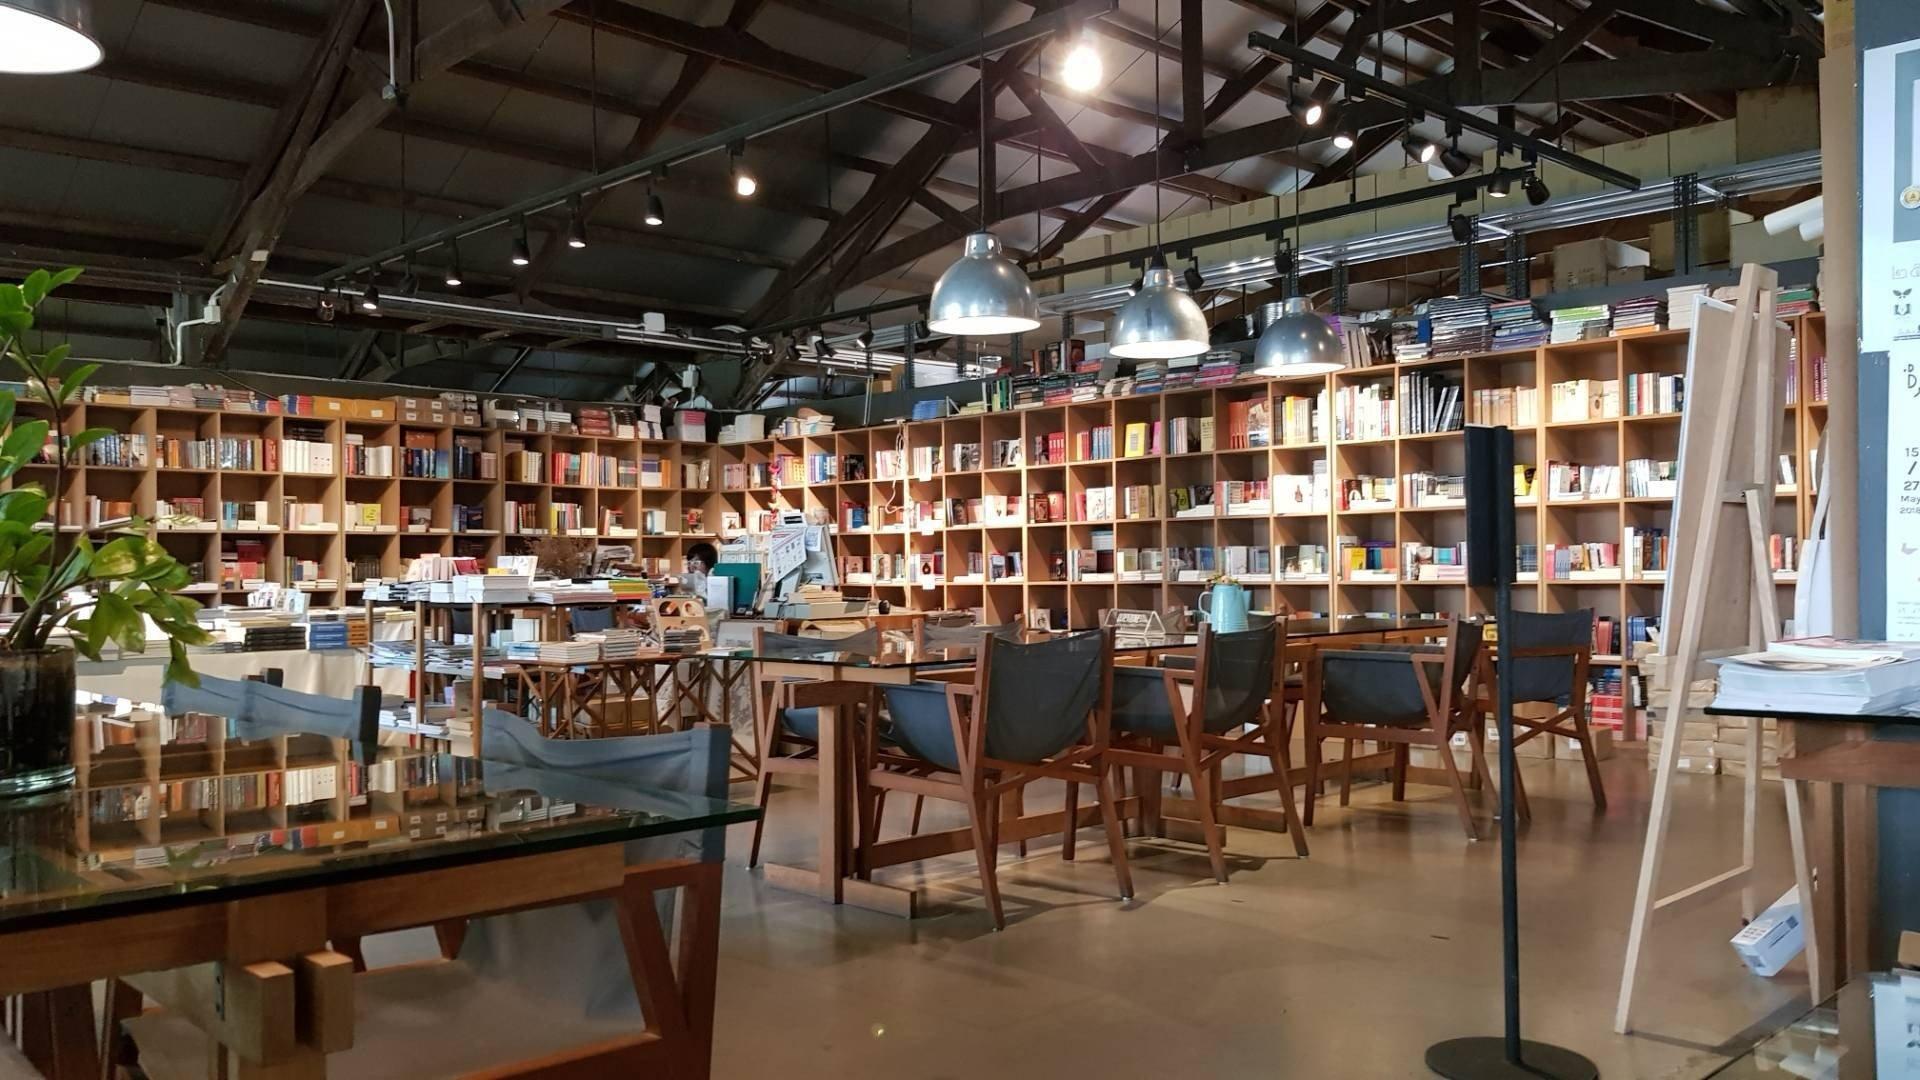 Candide Books & Cafe คลองสาน